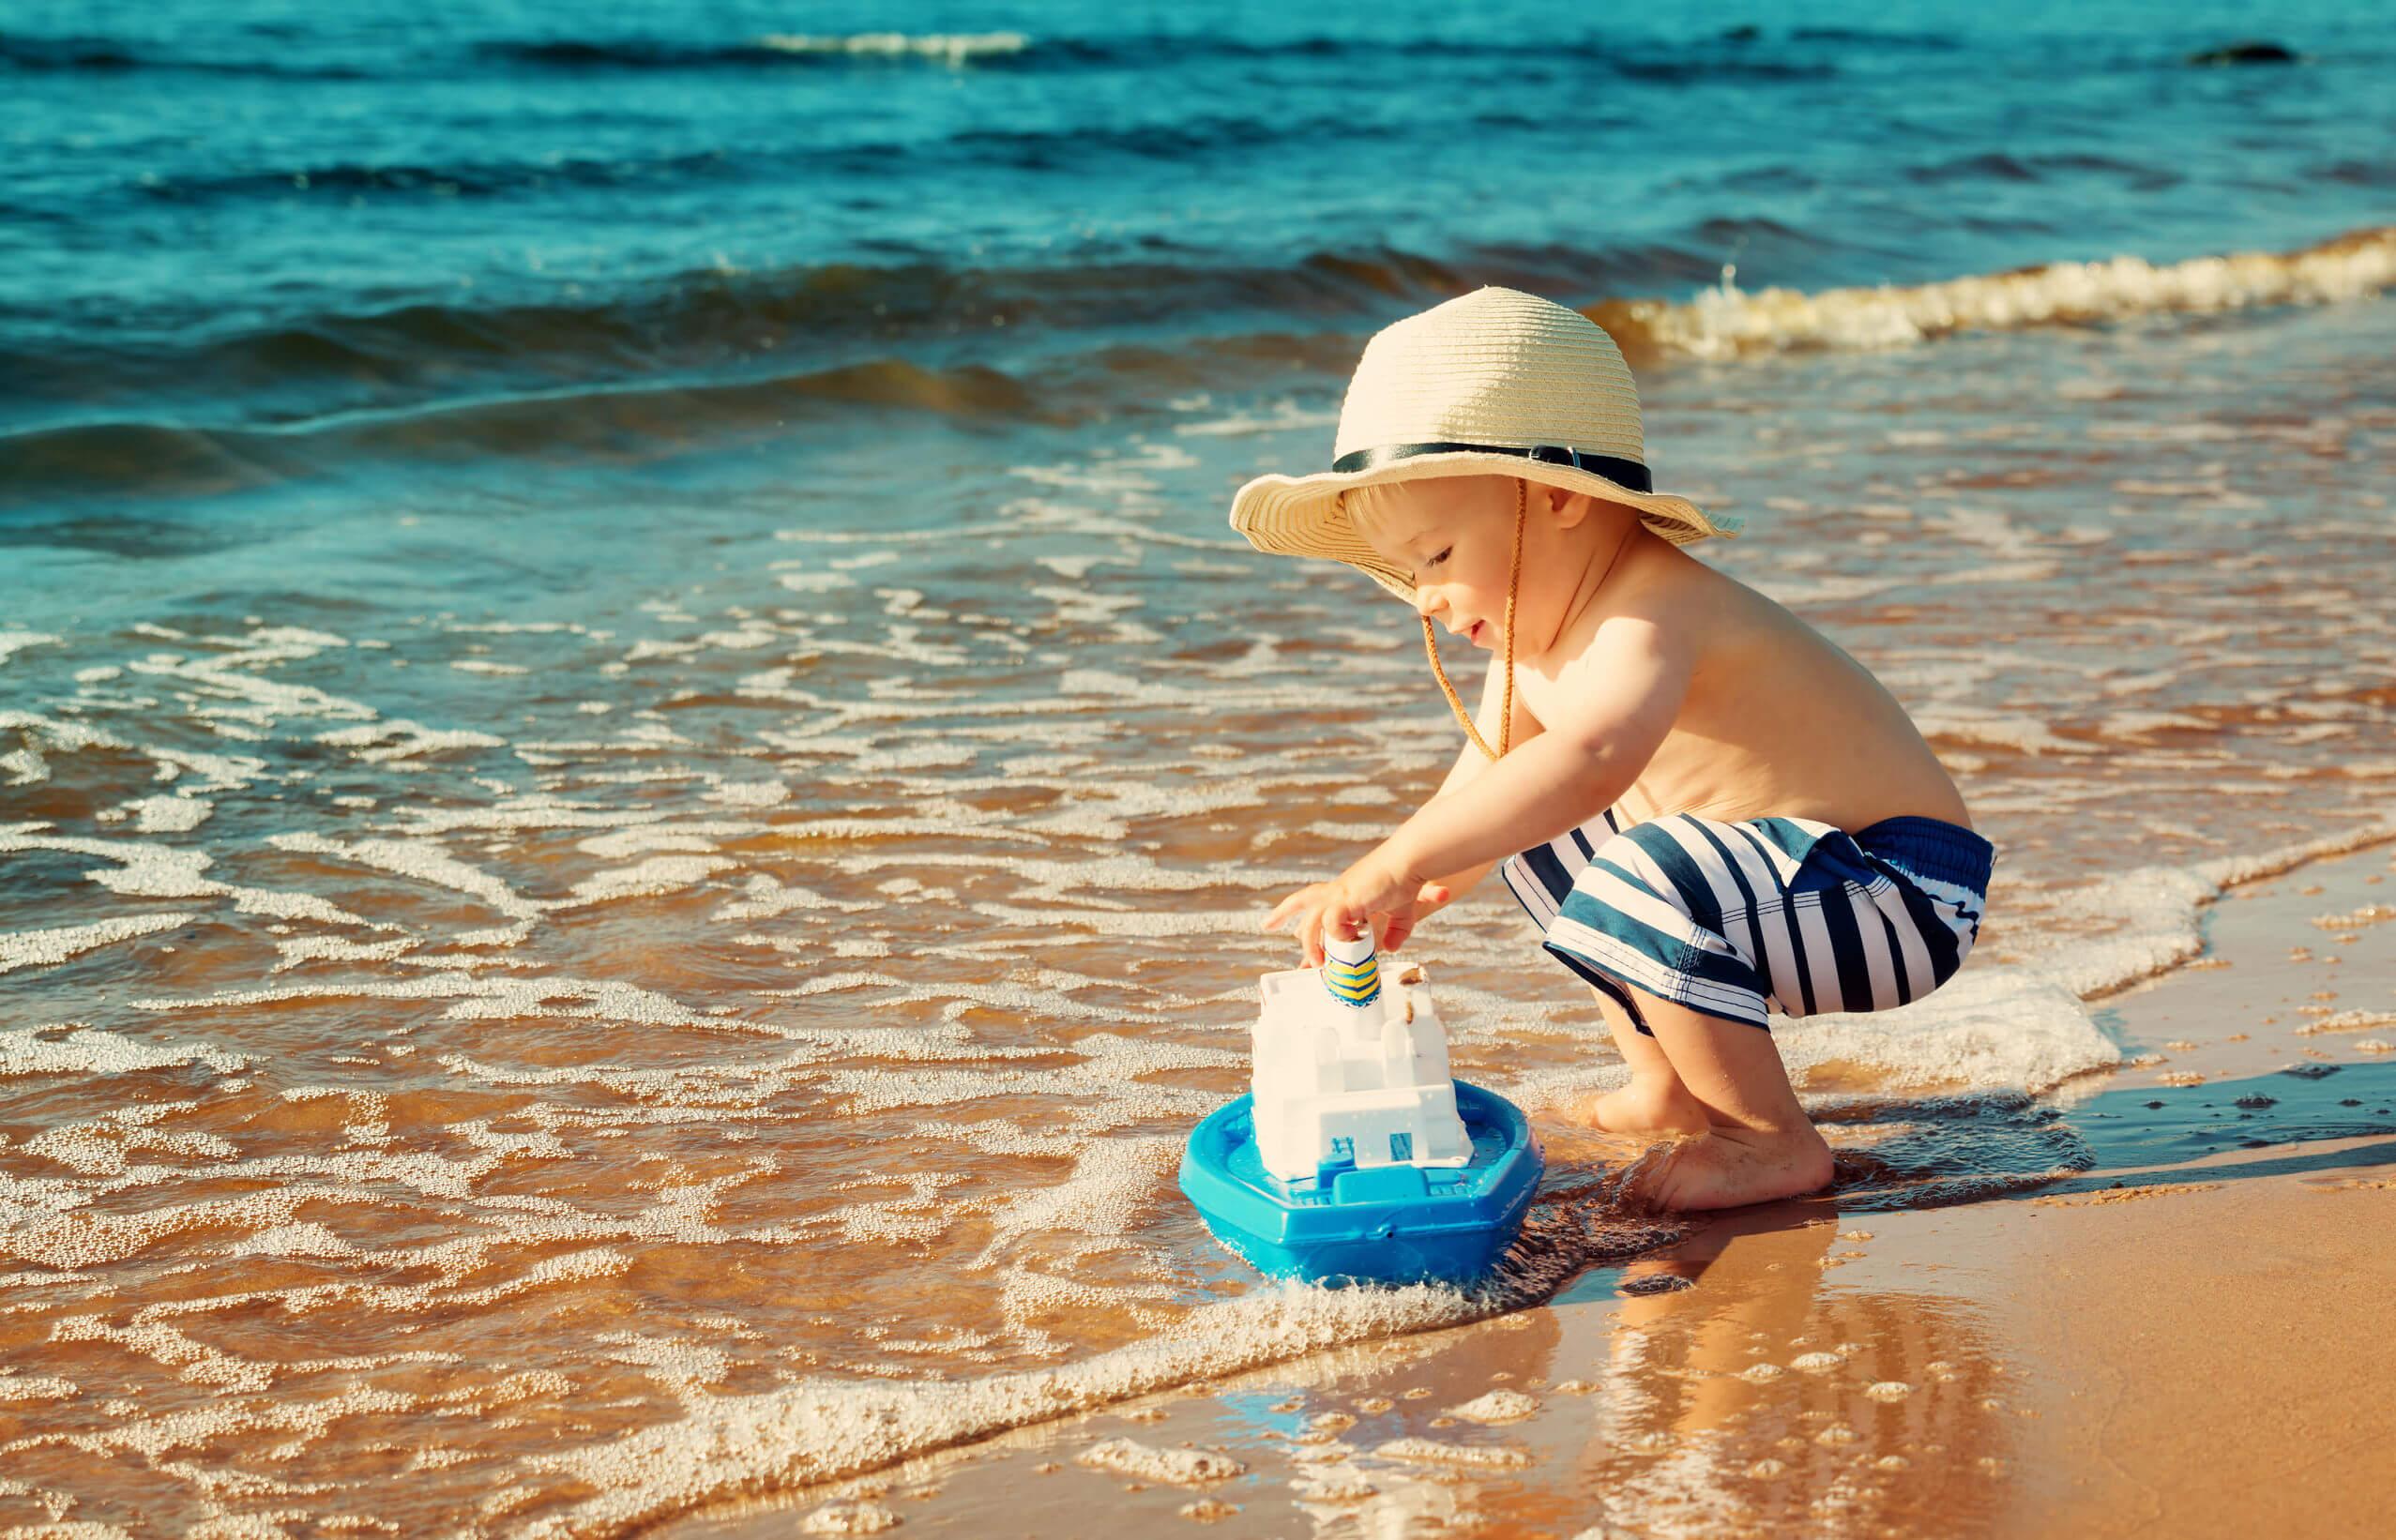 Поездка на море с ребенком: как подготовиться и что взять с собой